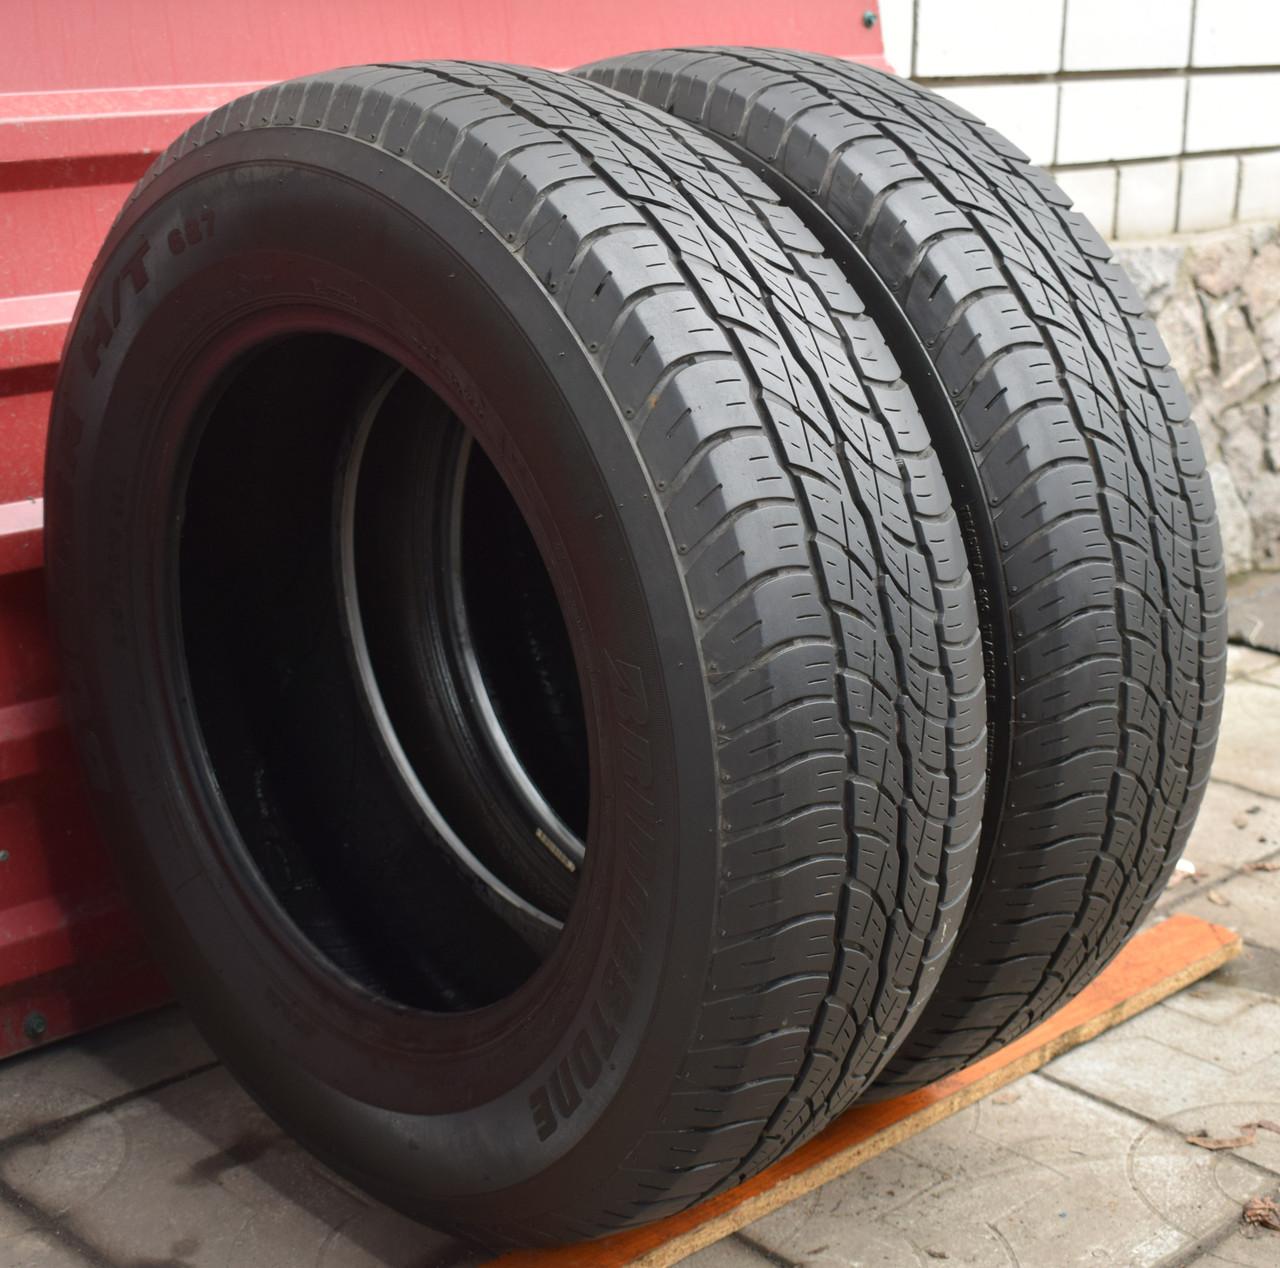 Шины б/у 215/70 R16 Bridgestone Dueler H/T 687, ЛЕТО, 5.5 мм, пара